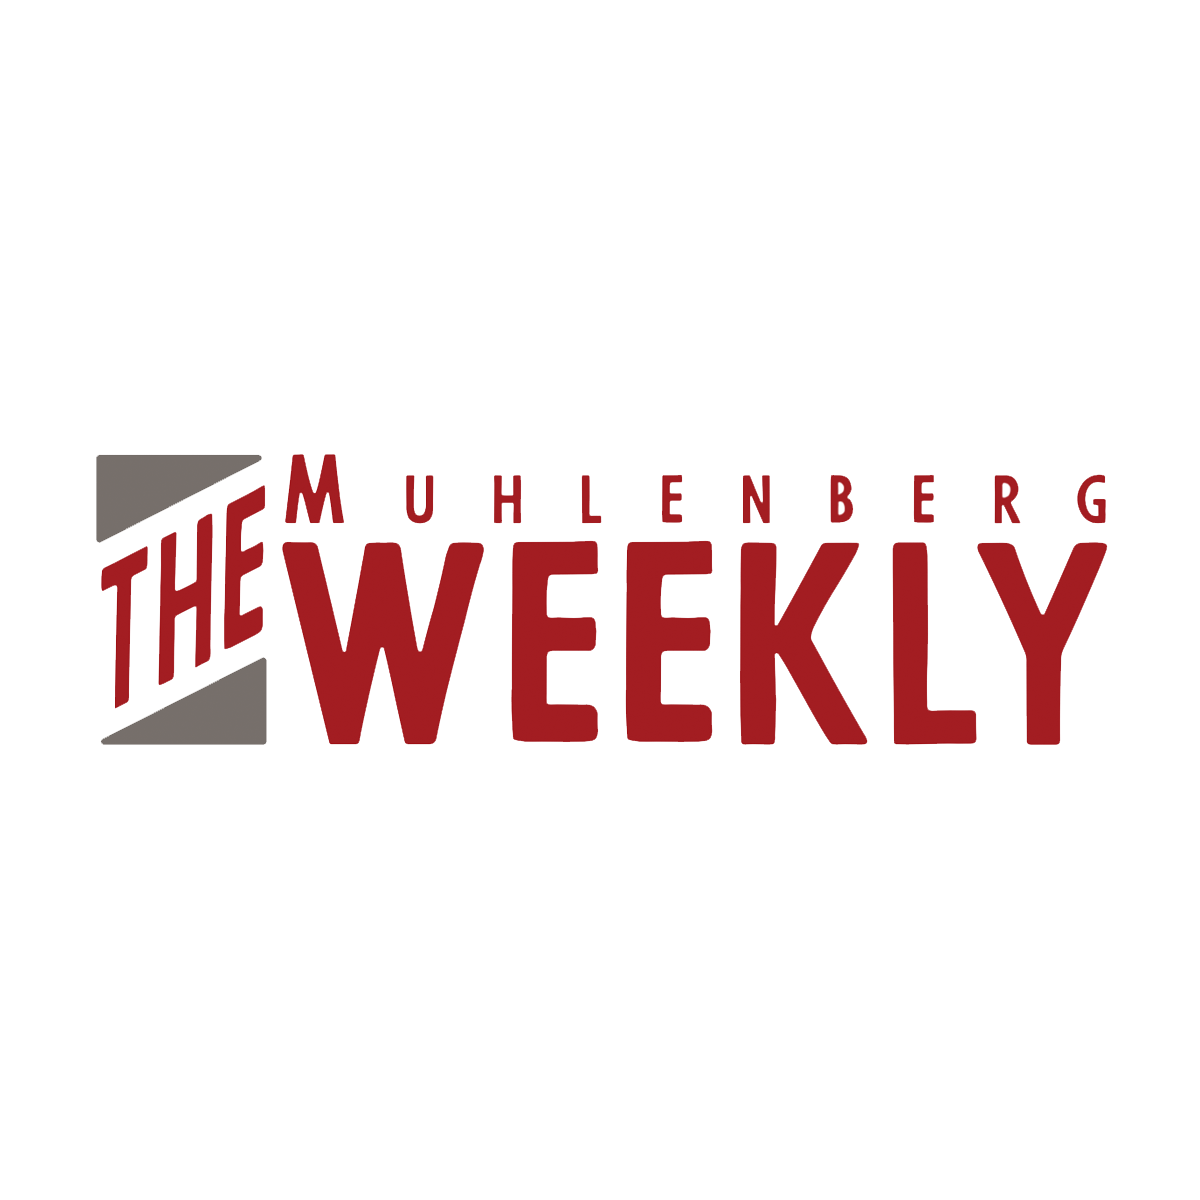 The Muhlenberg Weekly: Serving the Muhlenberg Community